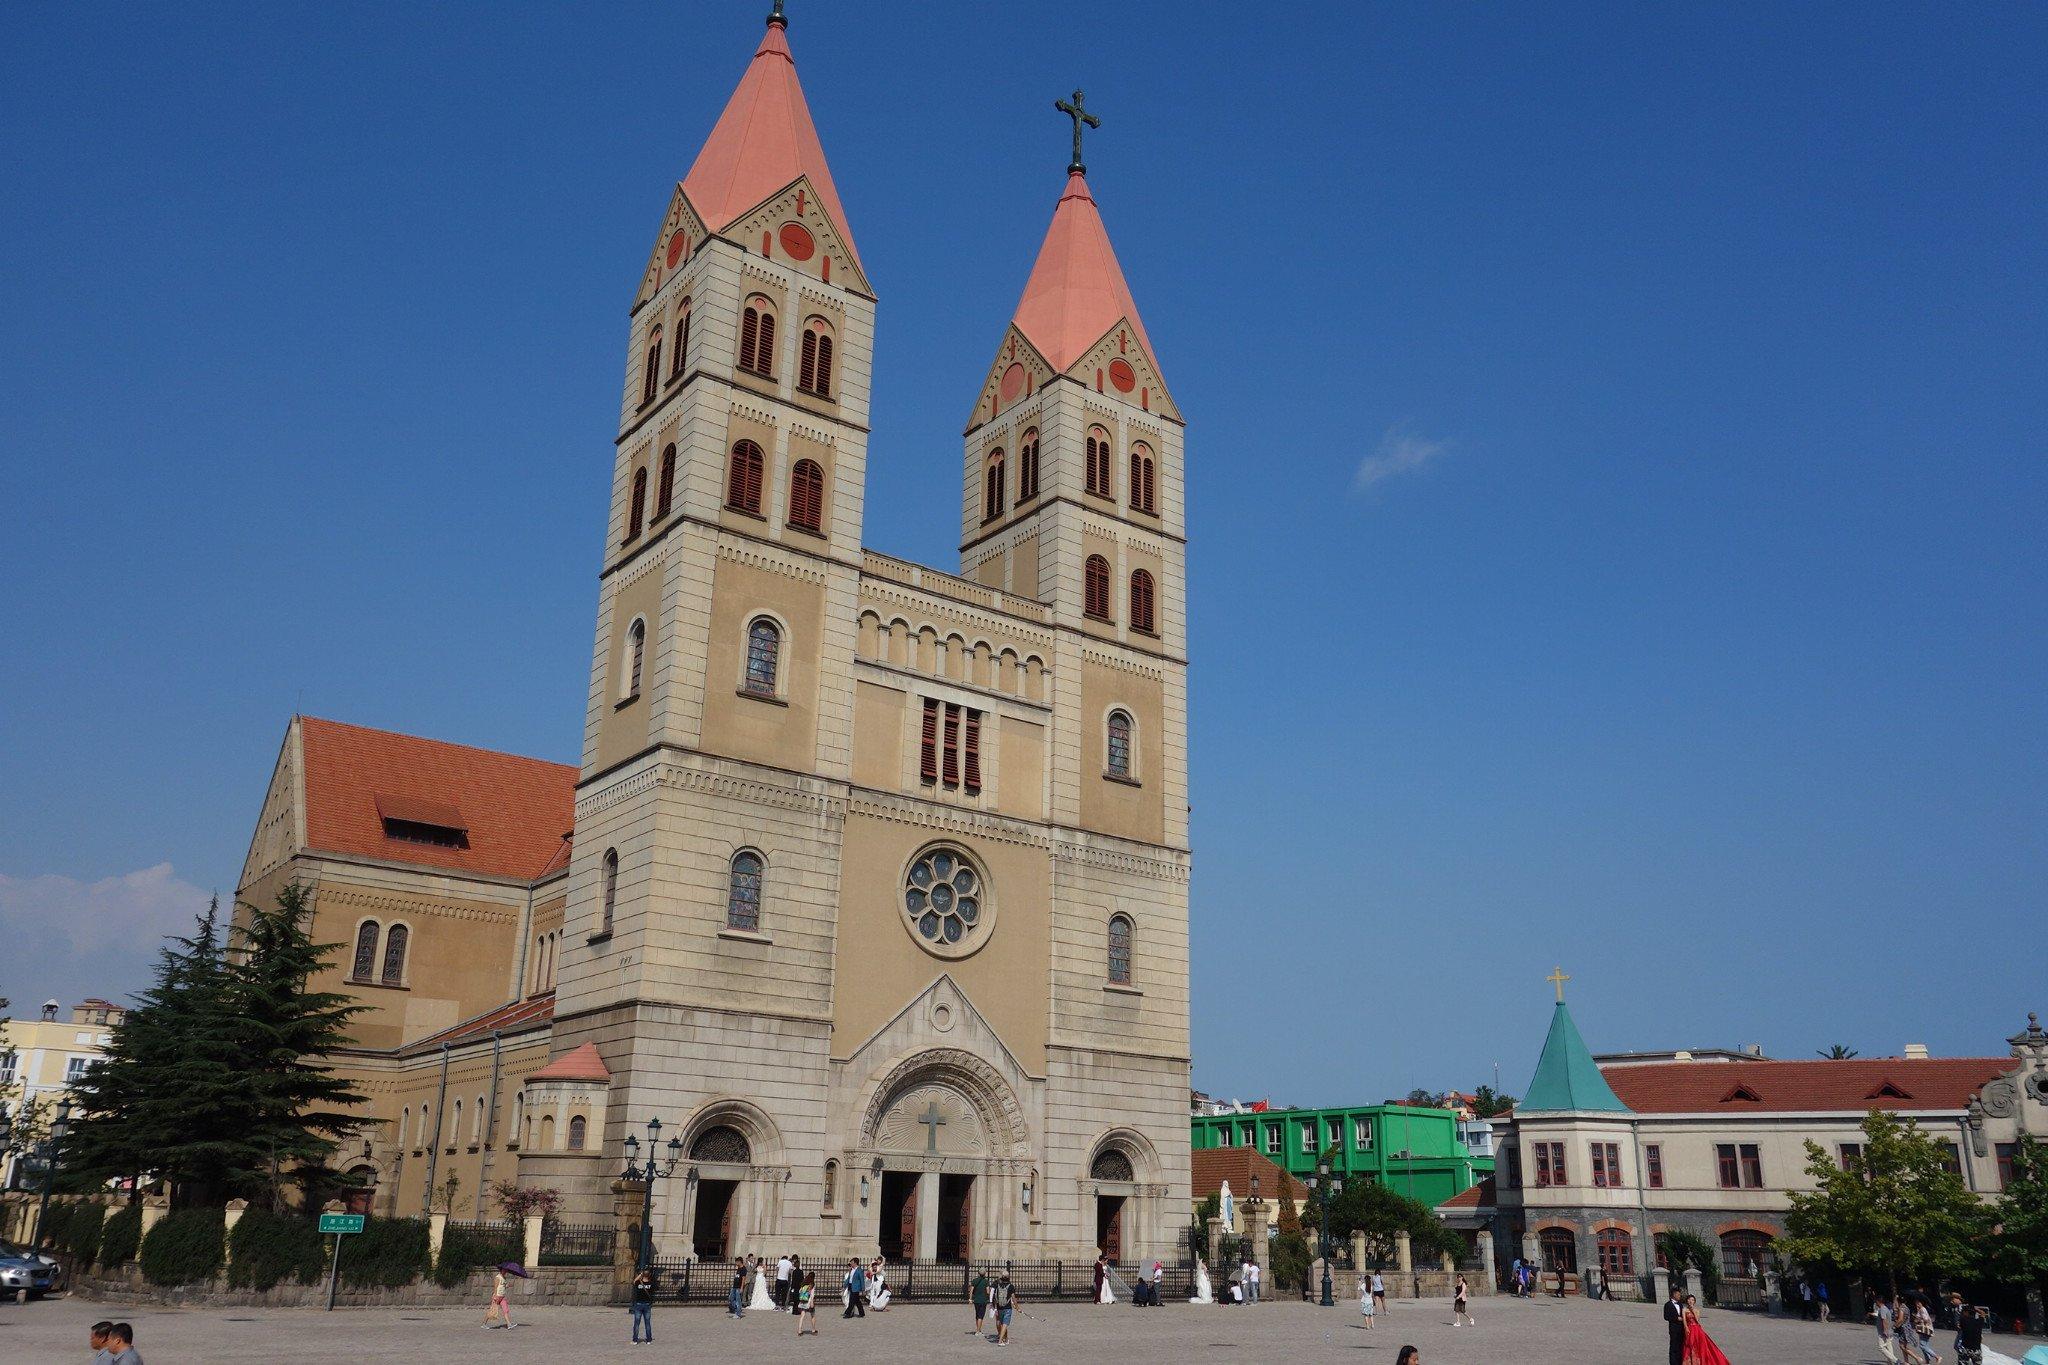 浙江路天主教堂